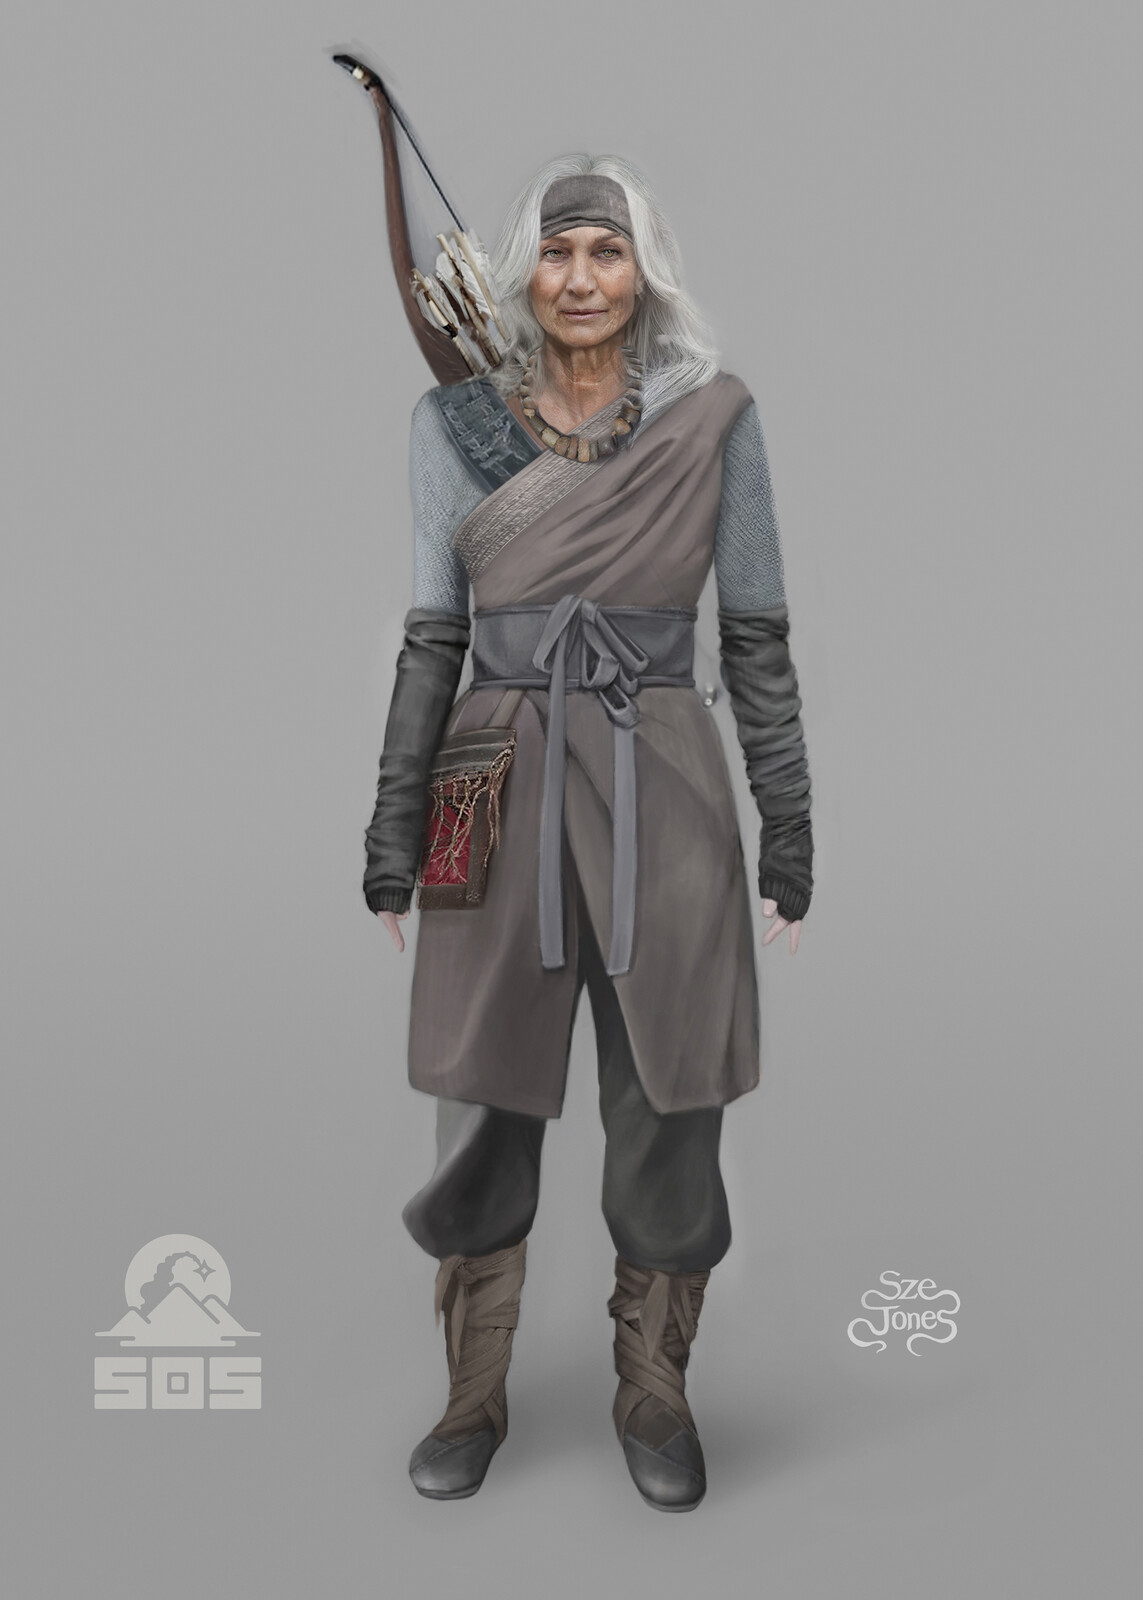 Oracle - Costume Design